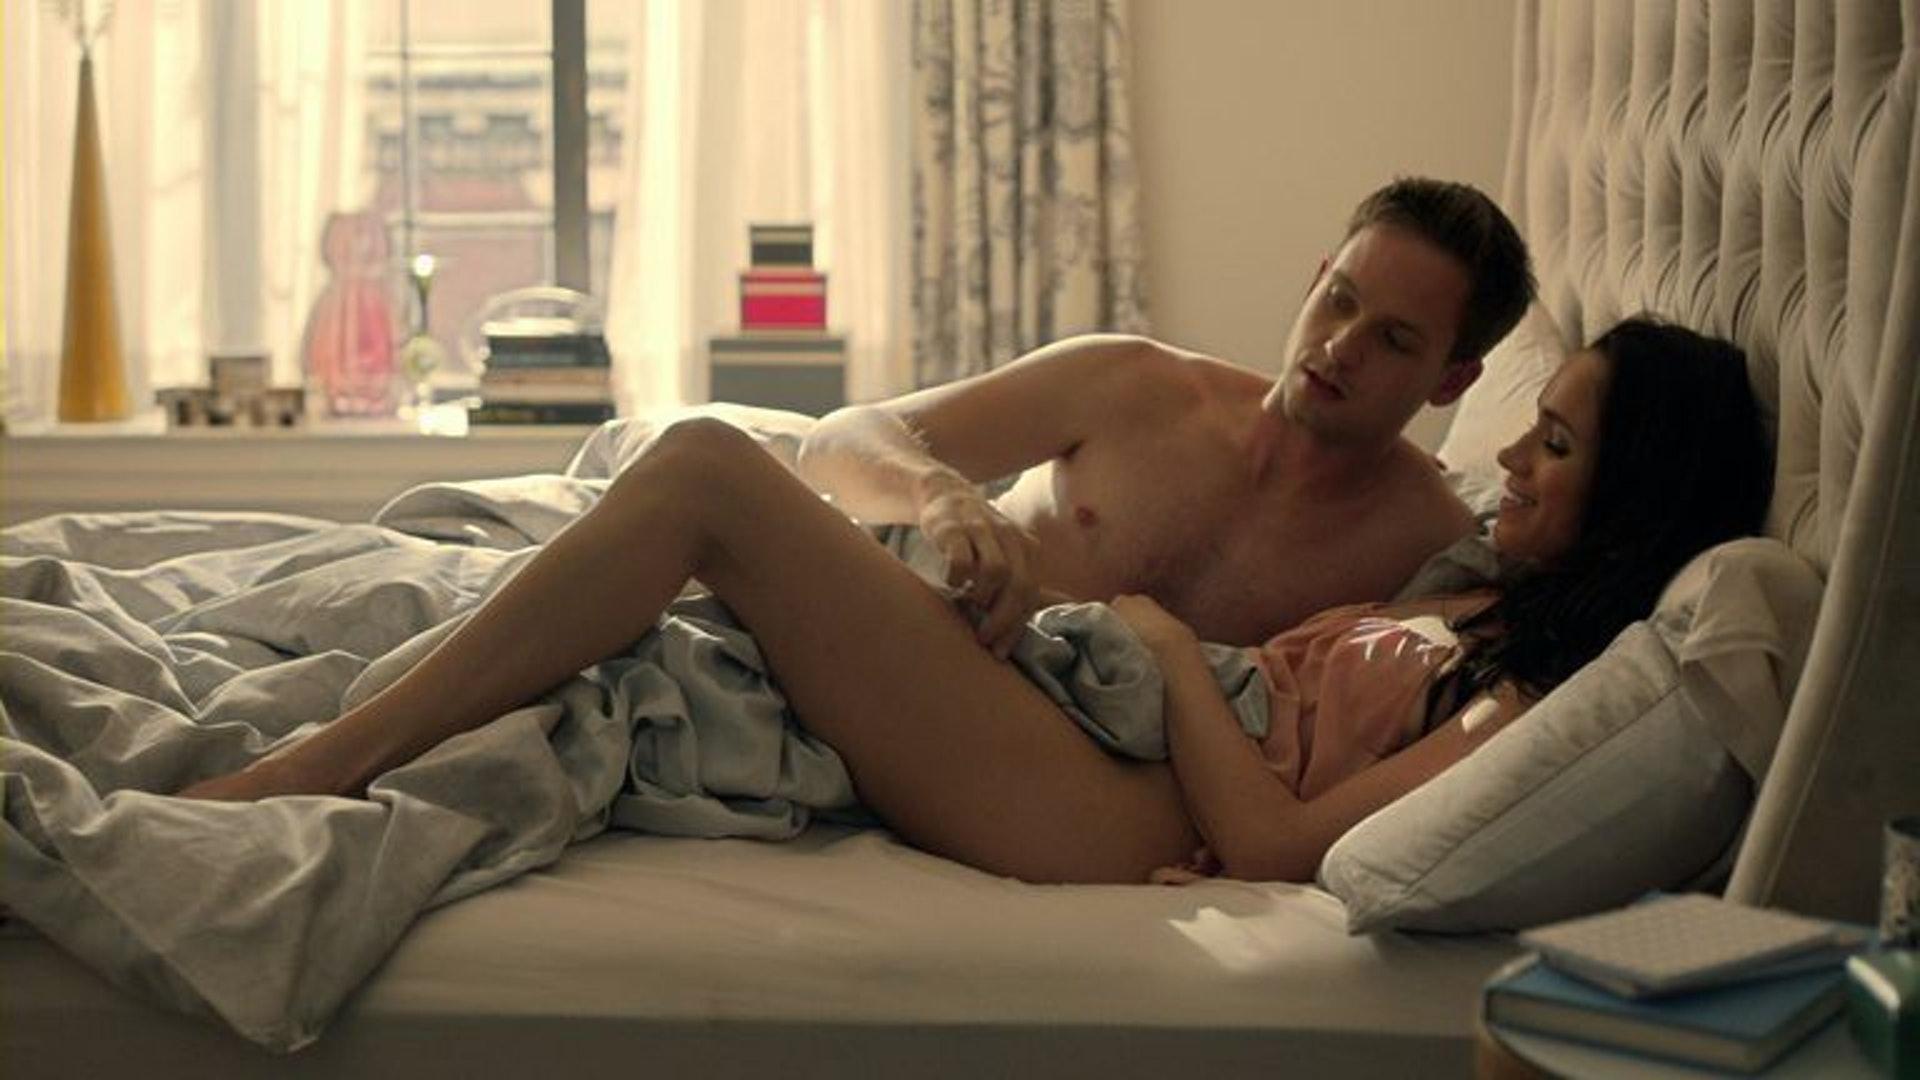 梅根在美劇《金裝律師》中有很多性感的演出,更有試過全裸拍床戲。(劇照)